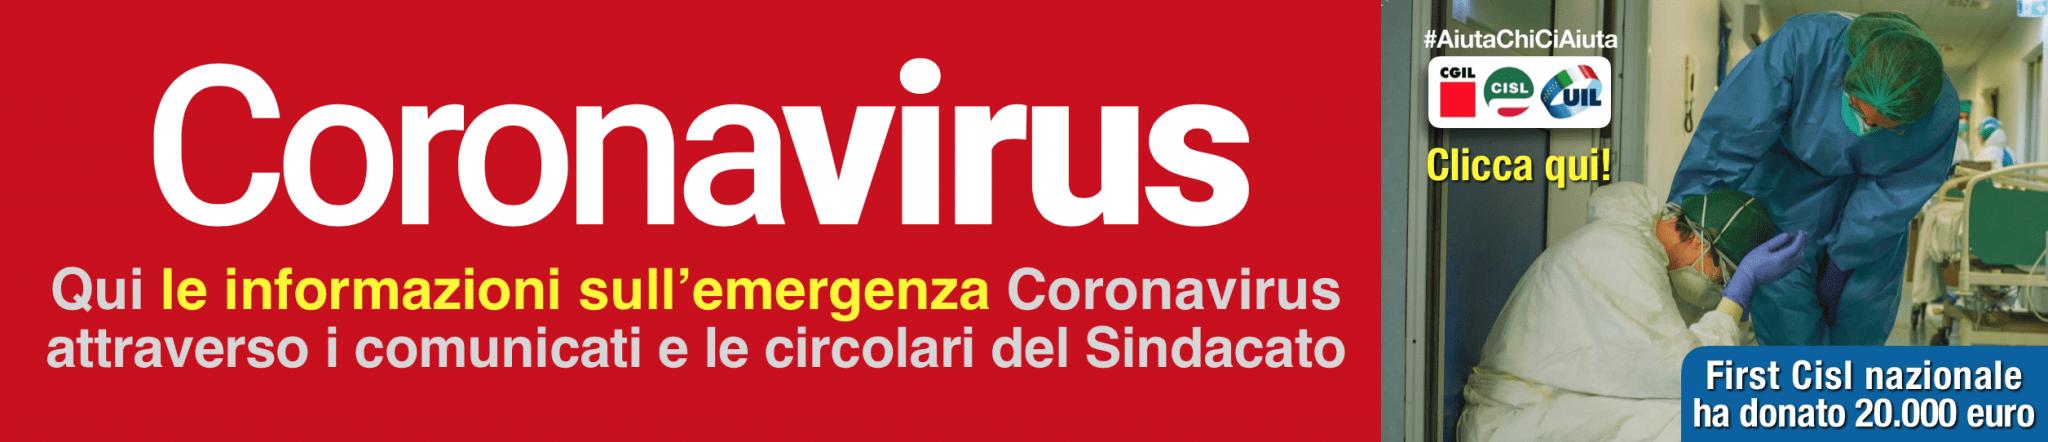 Focus sul Corona Virus